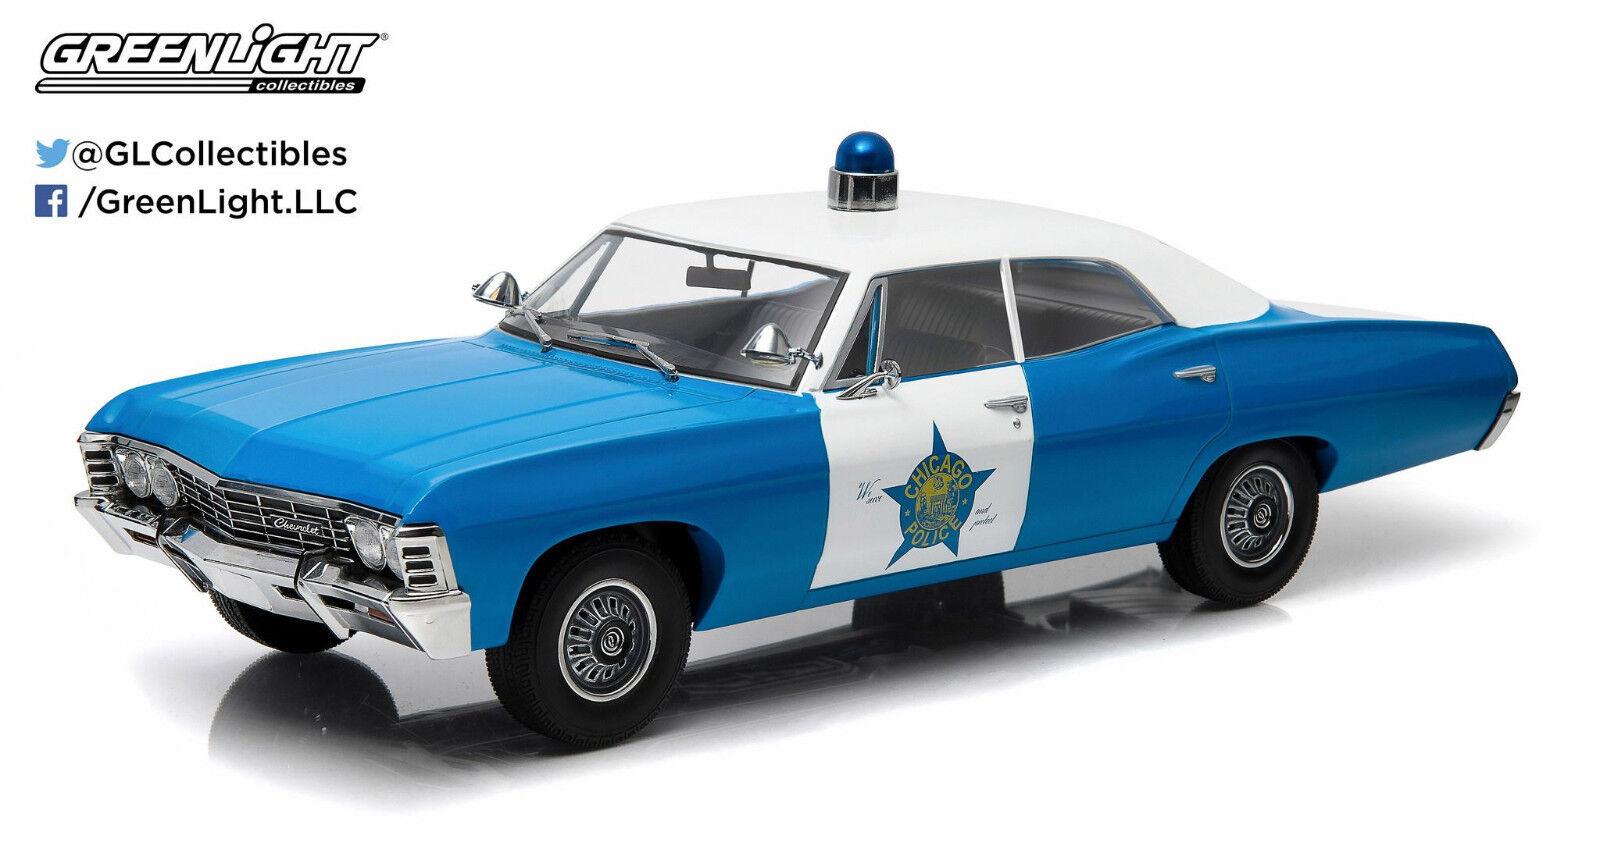 1967 Chevrolet Biscayne  police 1 18 19009  livraison directe et rapide